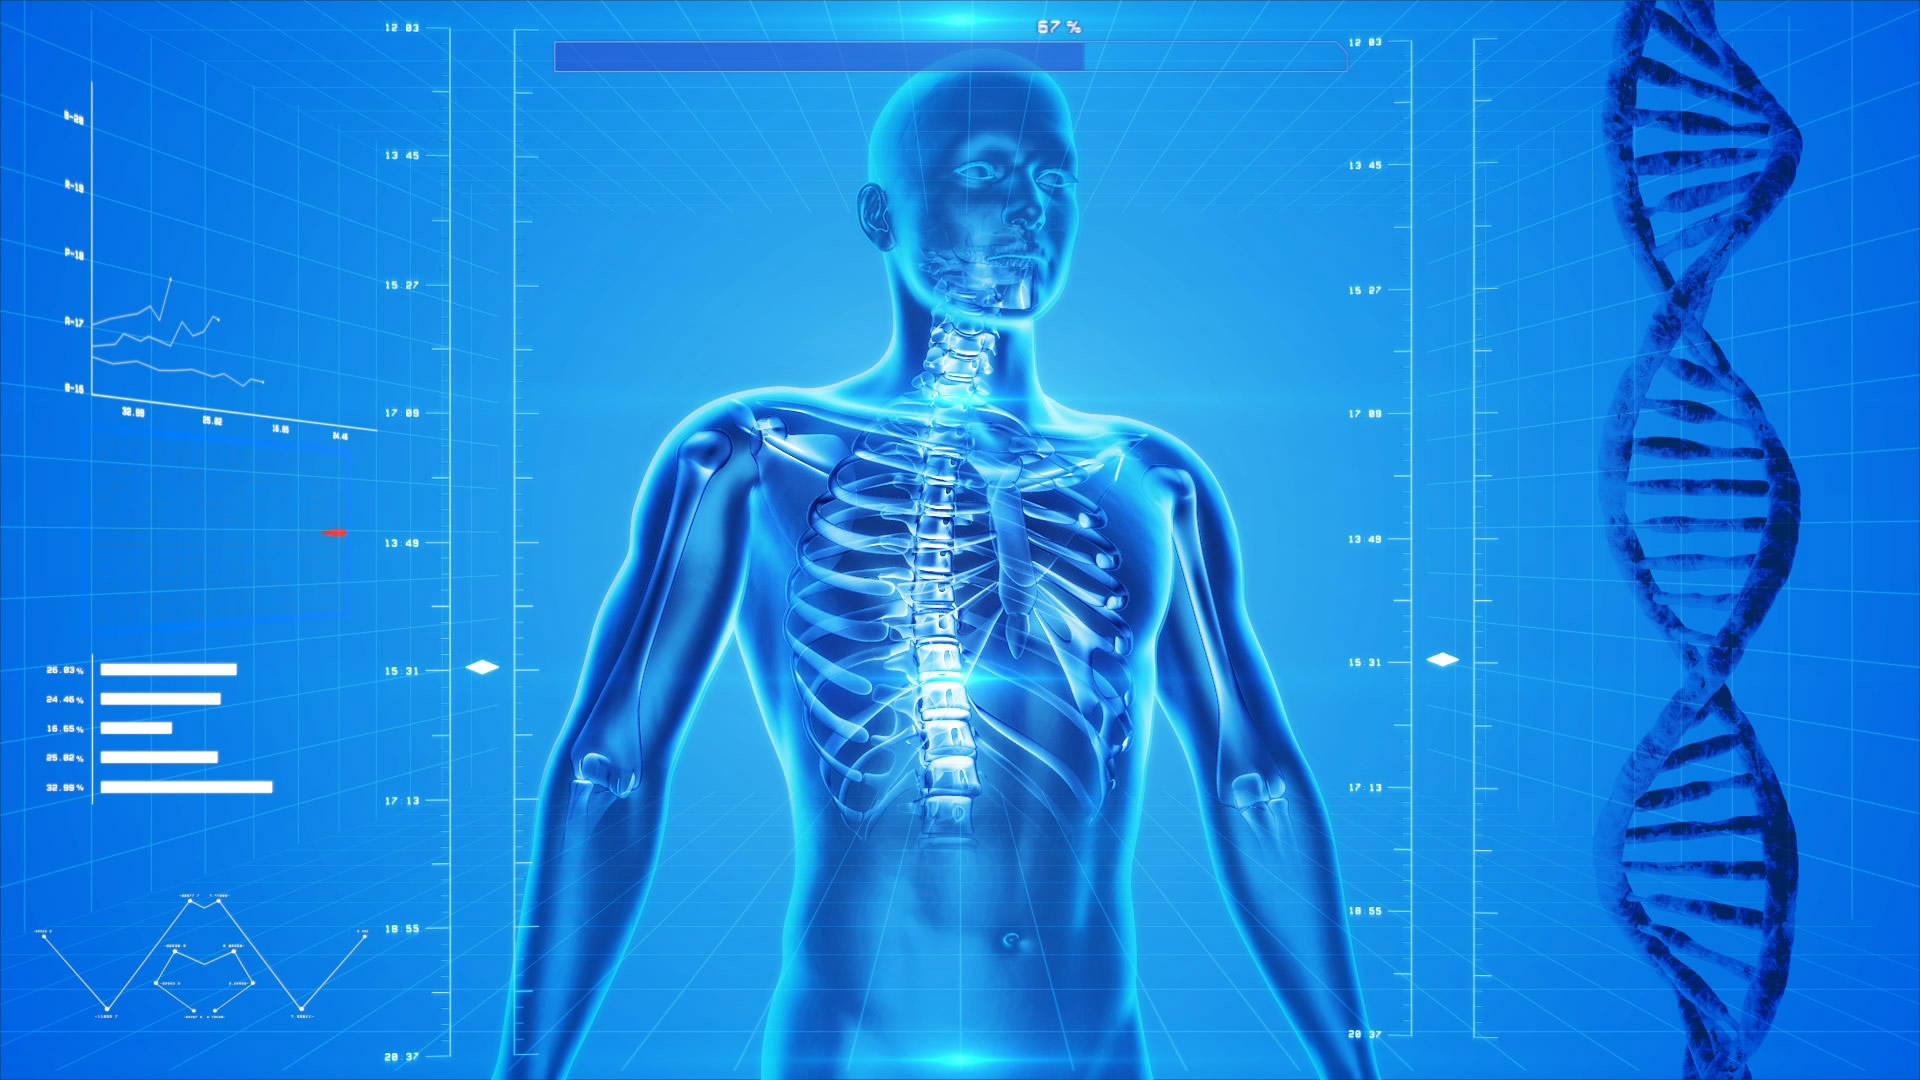 Ocjena najboljih klinika za liječenje kralježnice u Jekaterinburgu za 2020. godinu